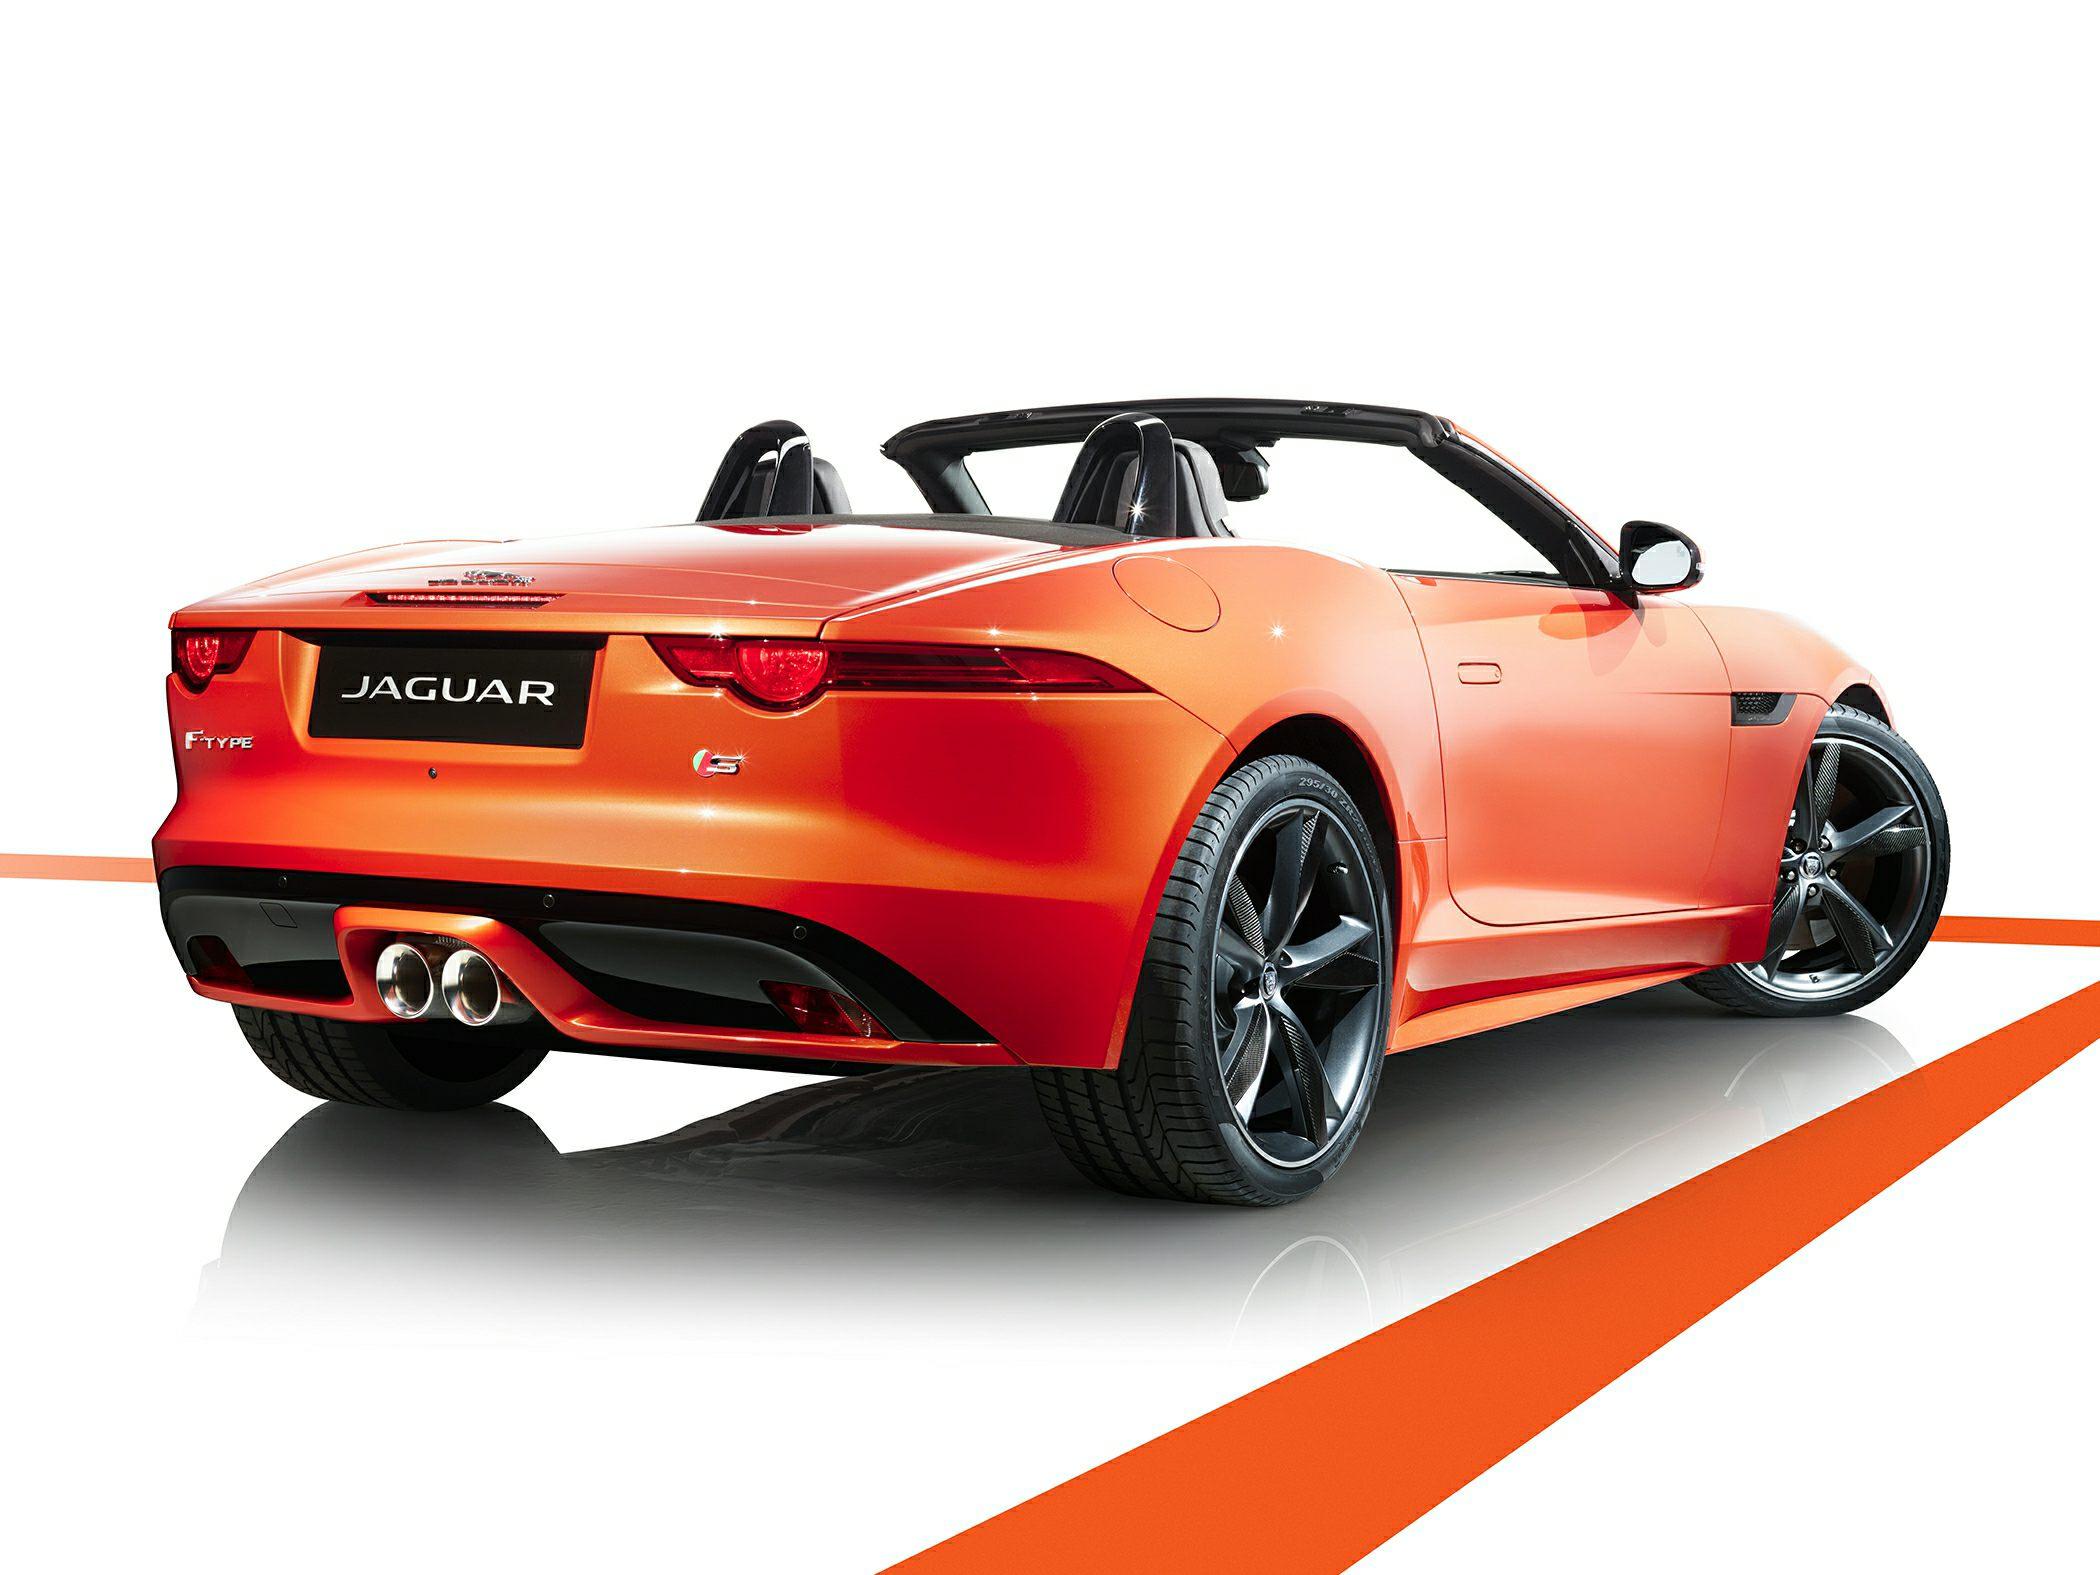 Jaguar F Type Price Uae Jaguar Dubai F Type Price Jaguar F